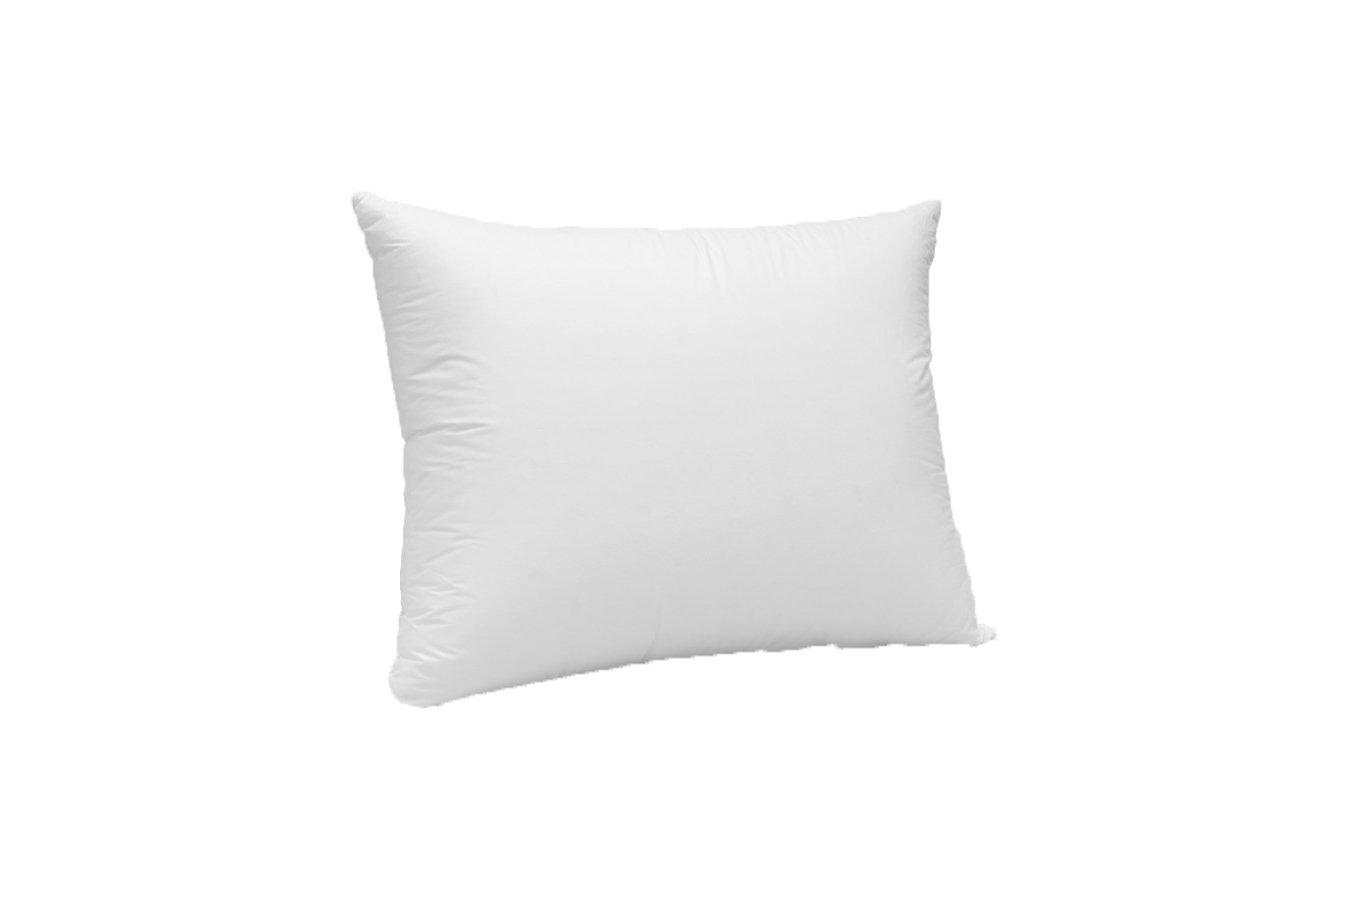 Pillows & Fibers 30/70'' Feather Insert Bed Pillow, 24'' x 24''